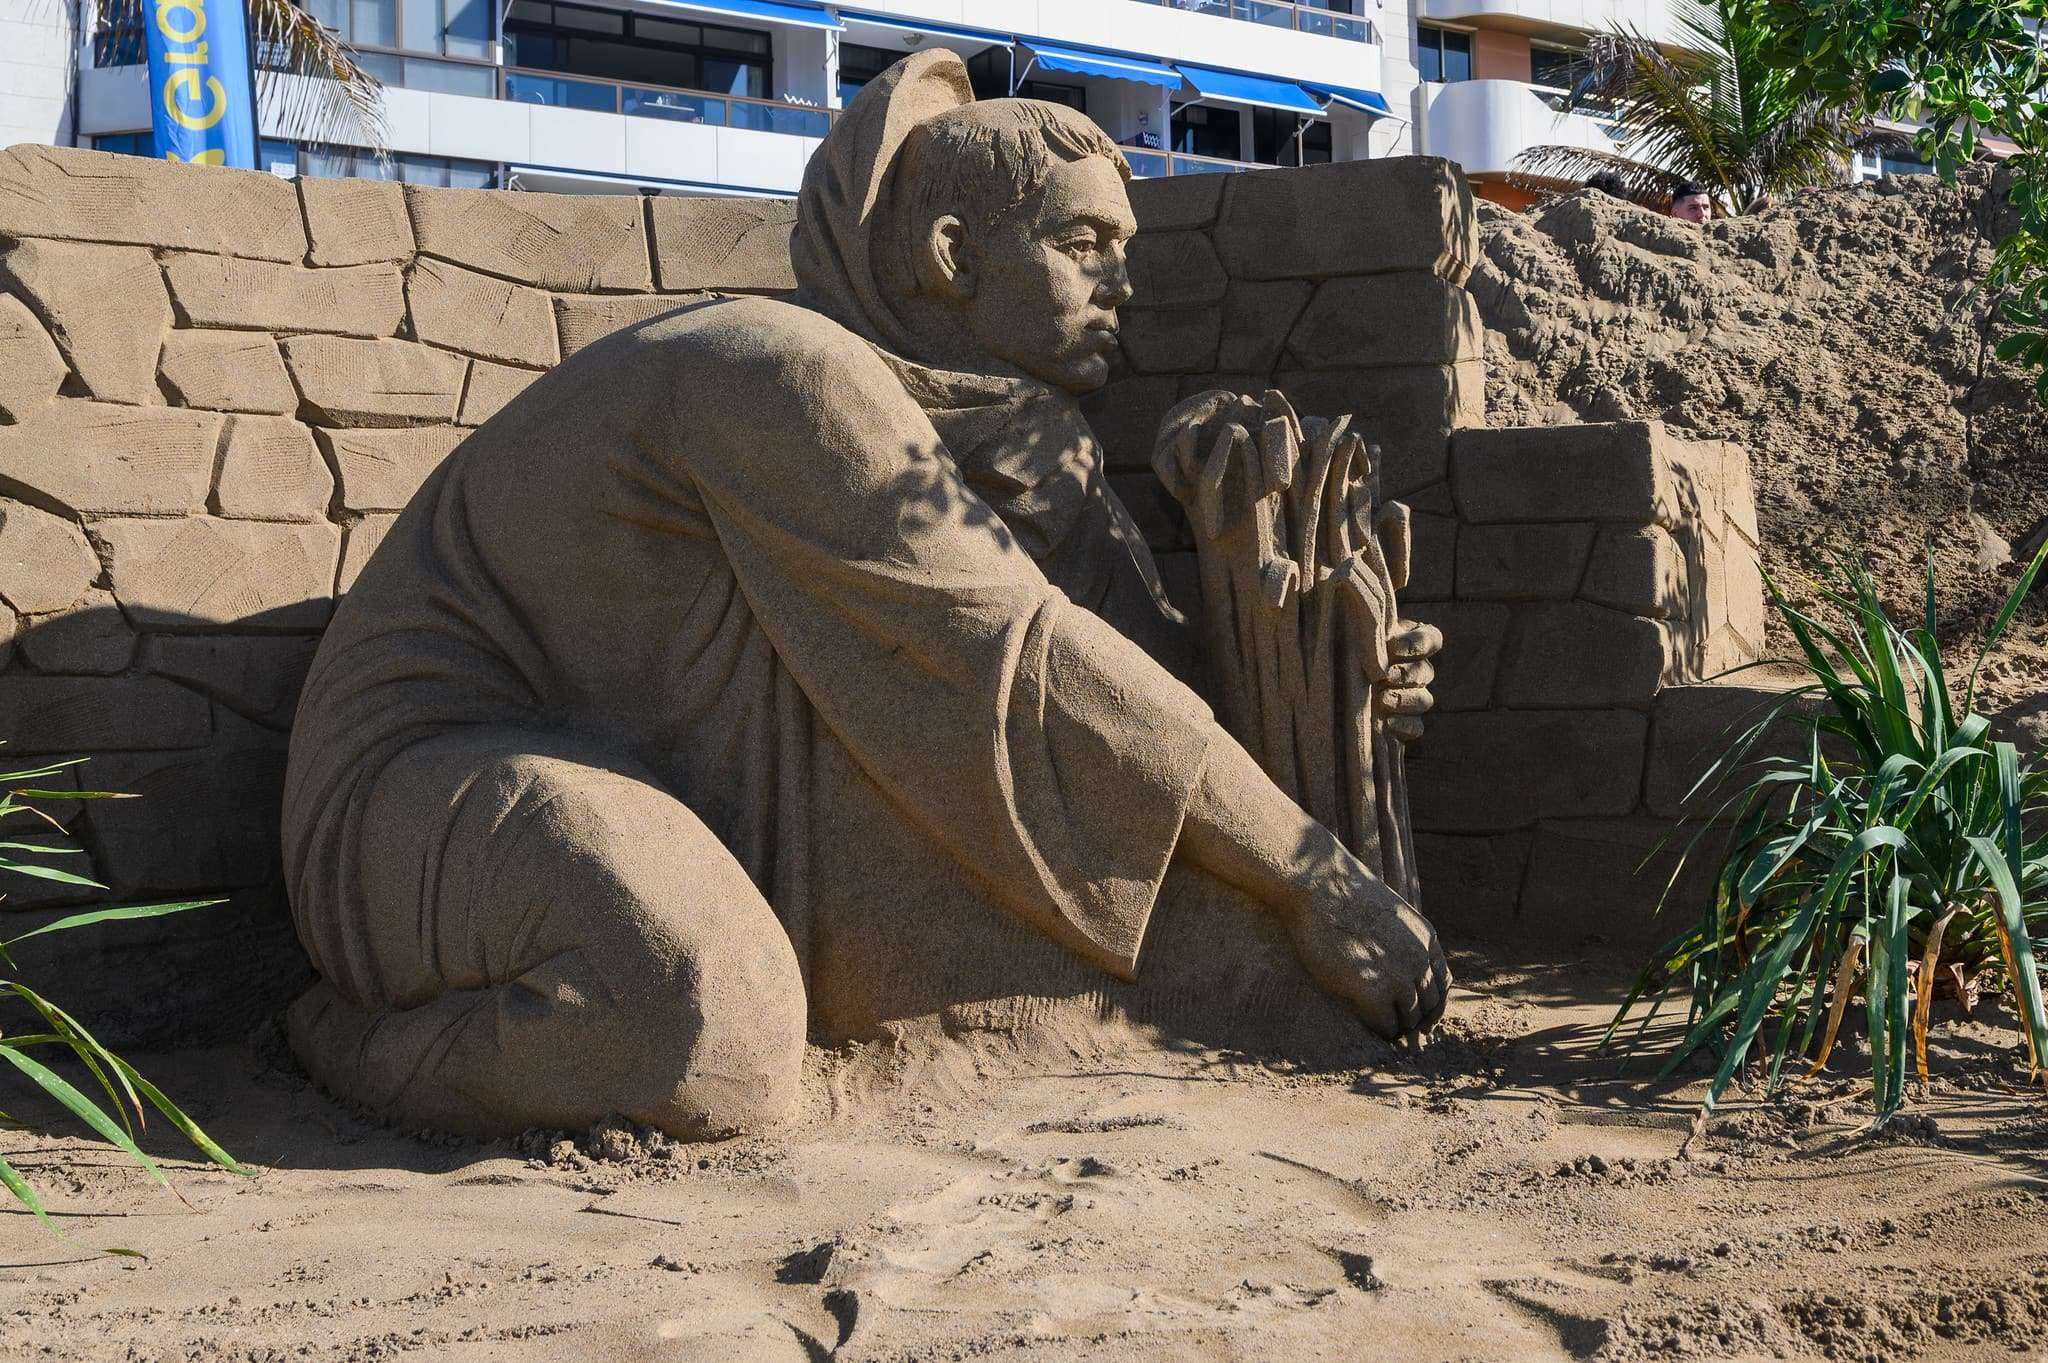 Un original Belén de arena para la navidad en Gran Canaria 70